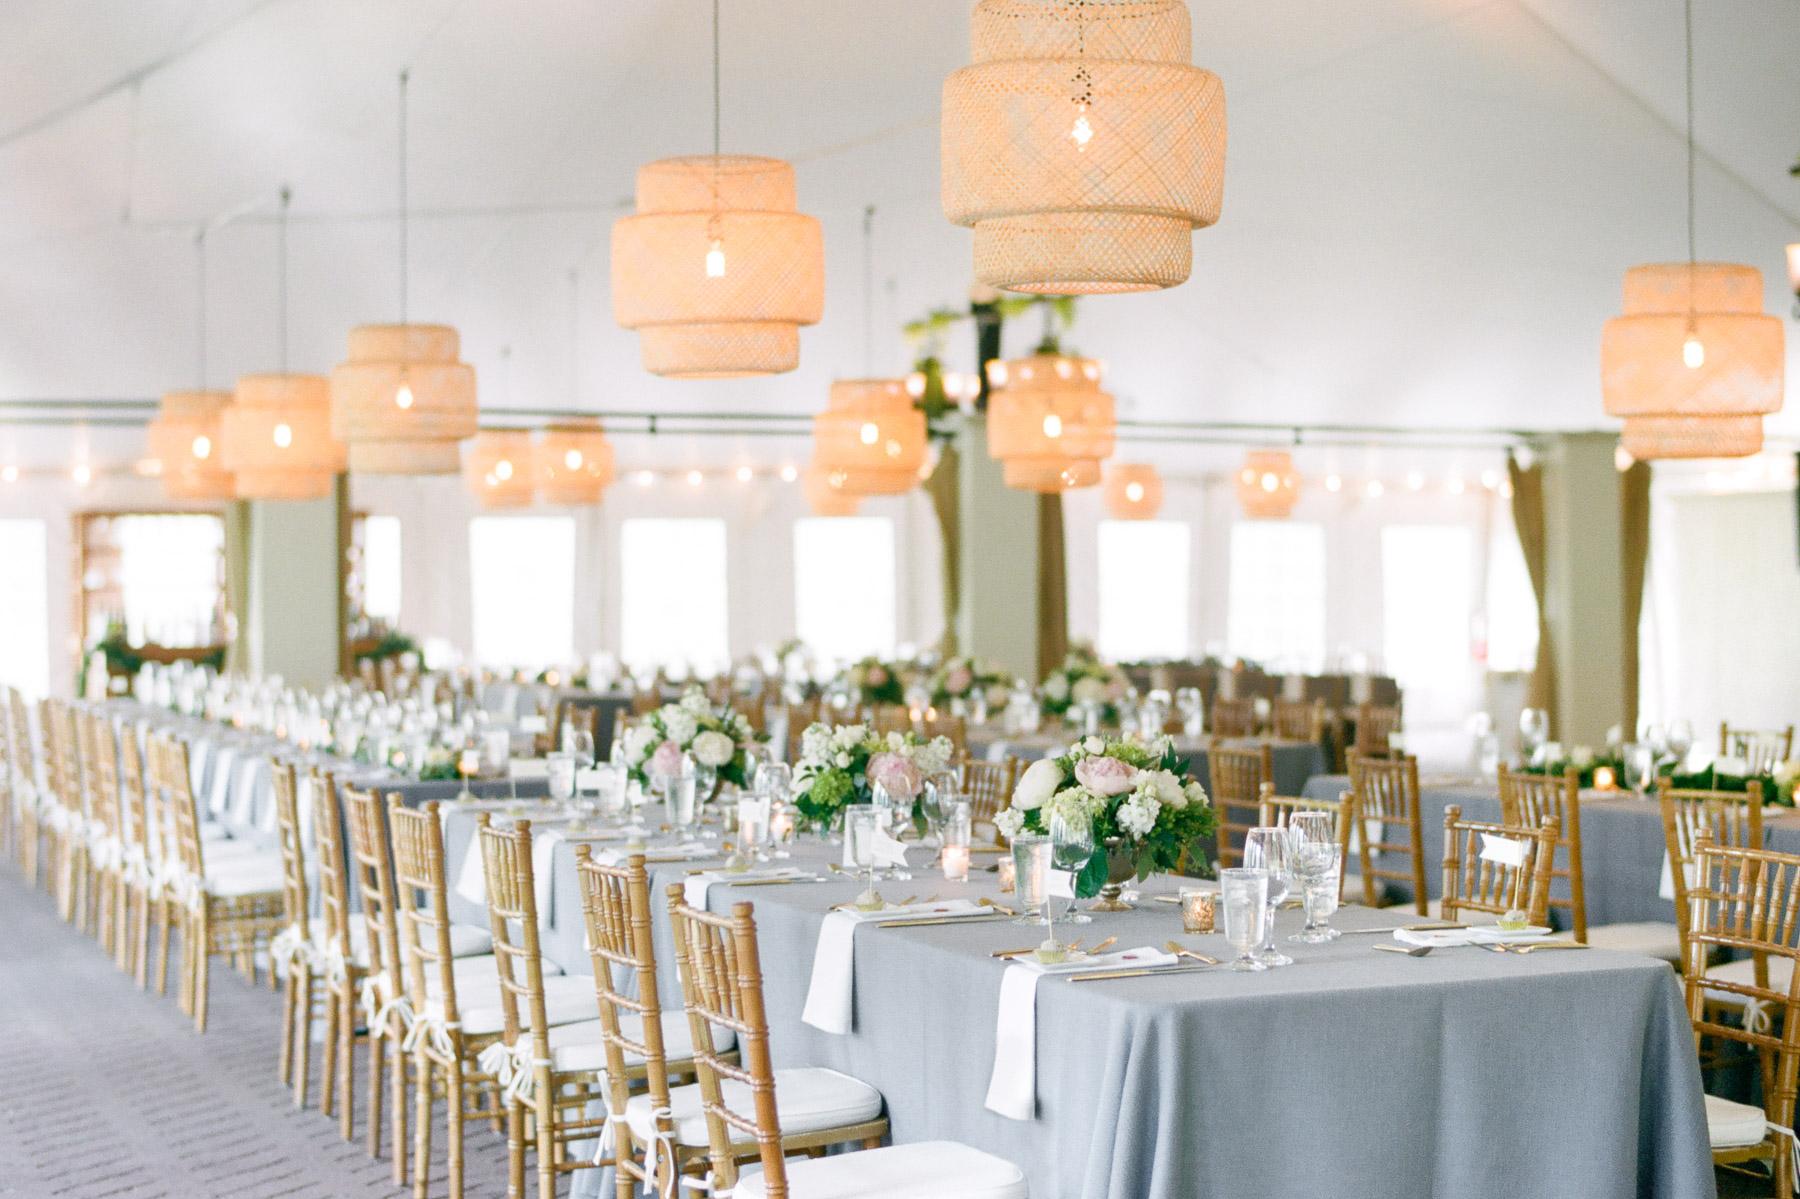 Manchester Vermont Wedding Hildene Estate Reception Tent Details Ikea Lanterns